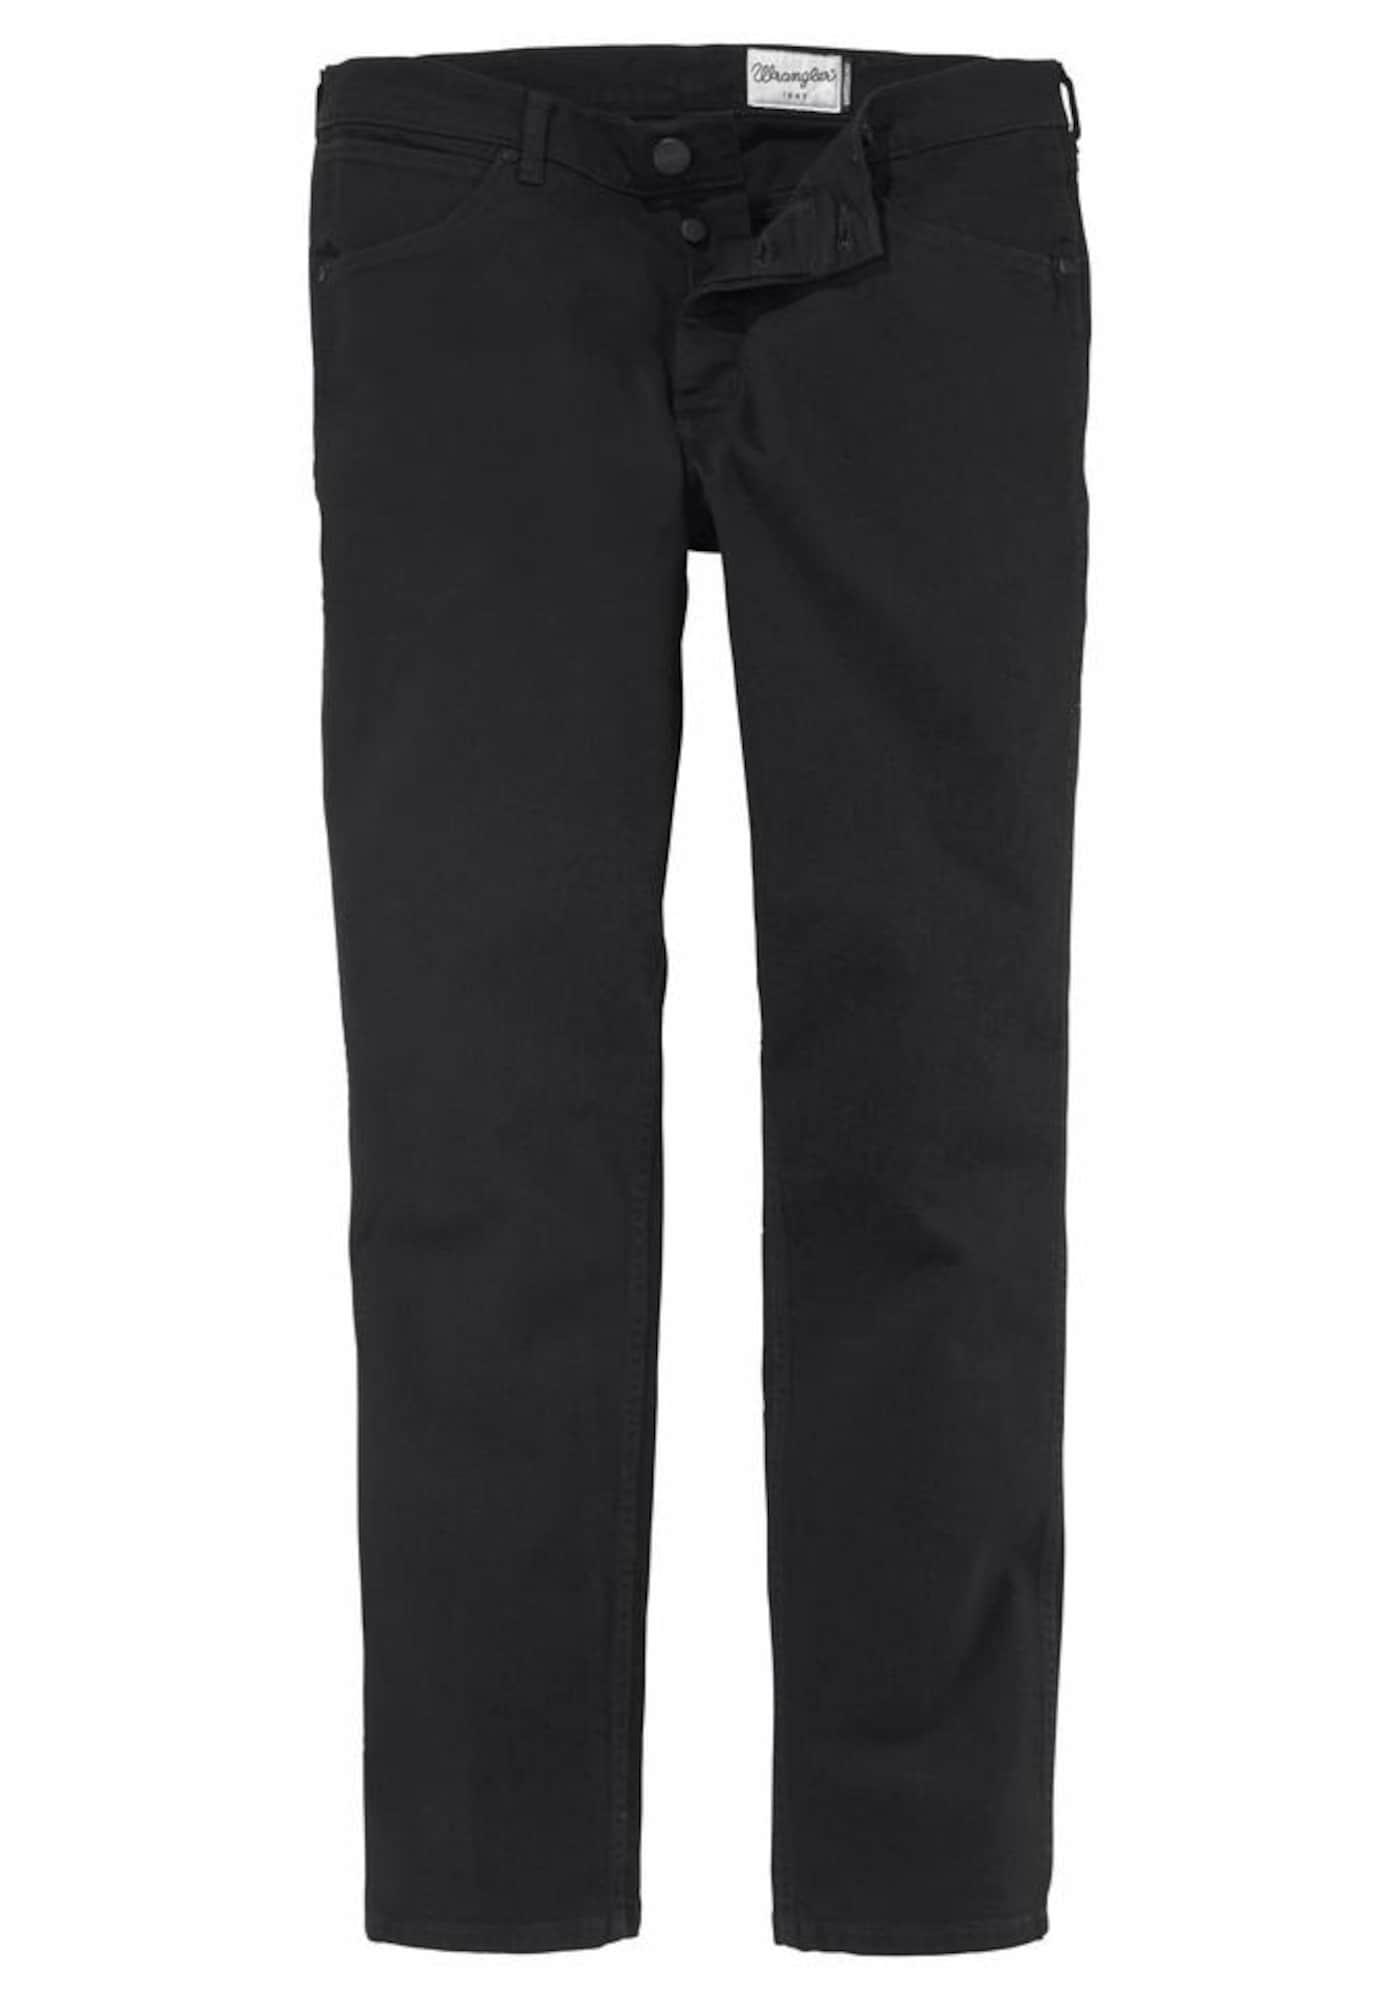 WRANGLER Heren Jeans Greensboro zwart